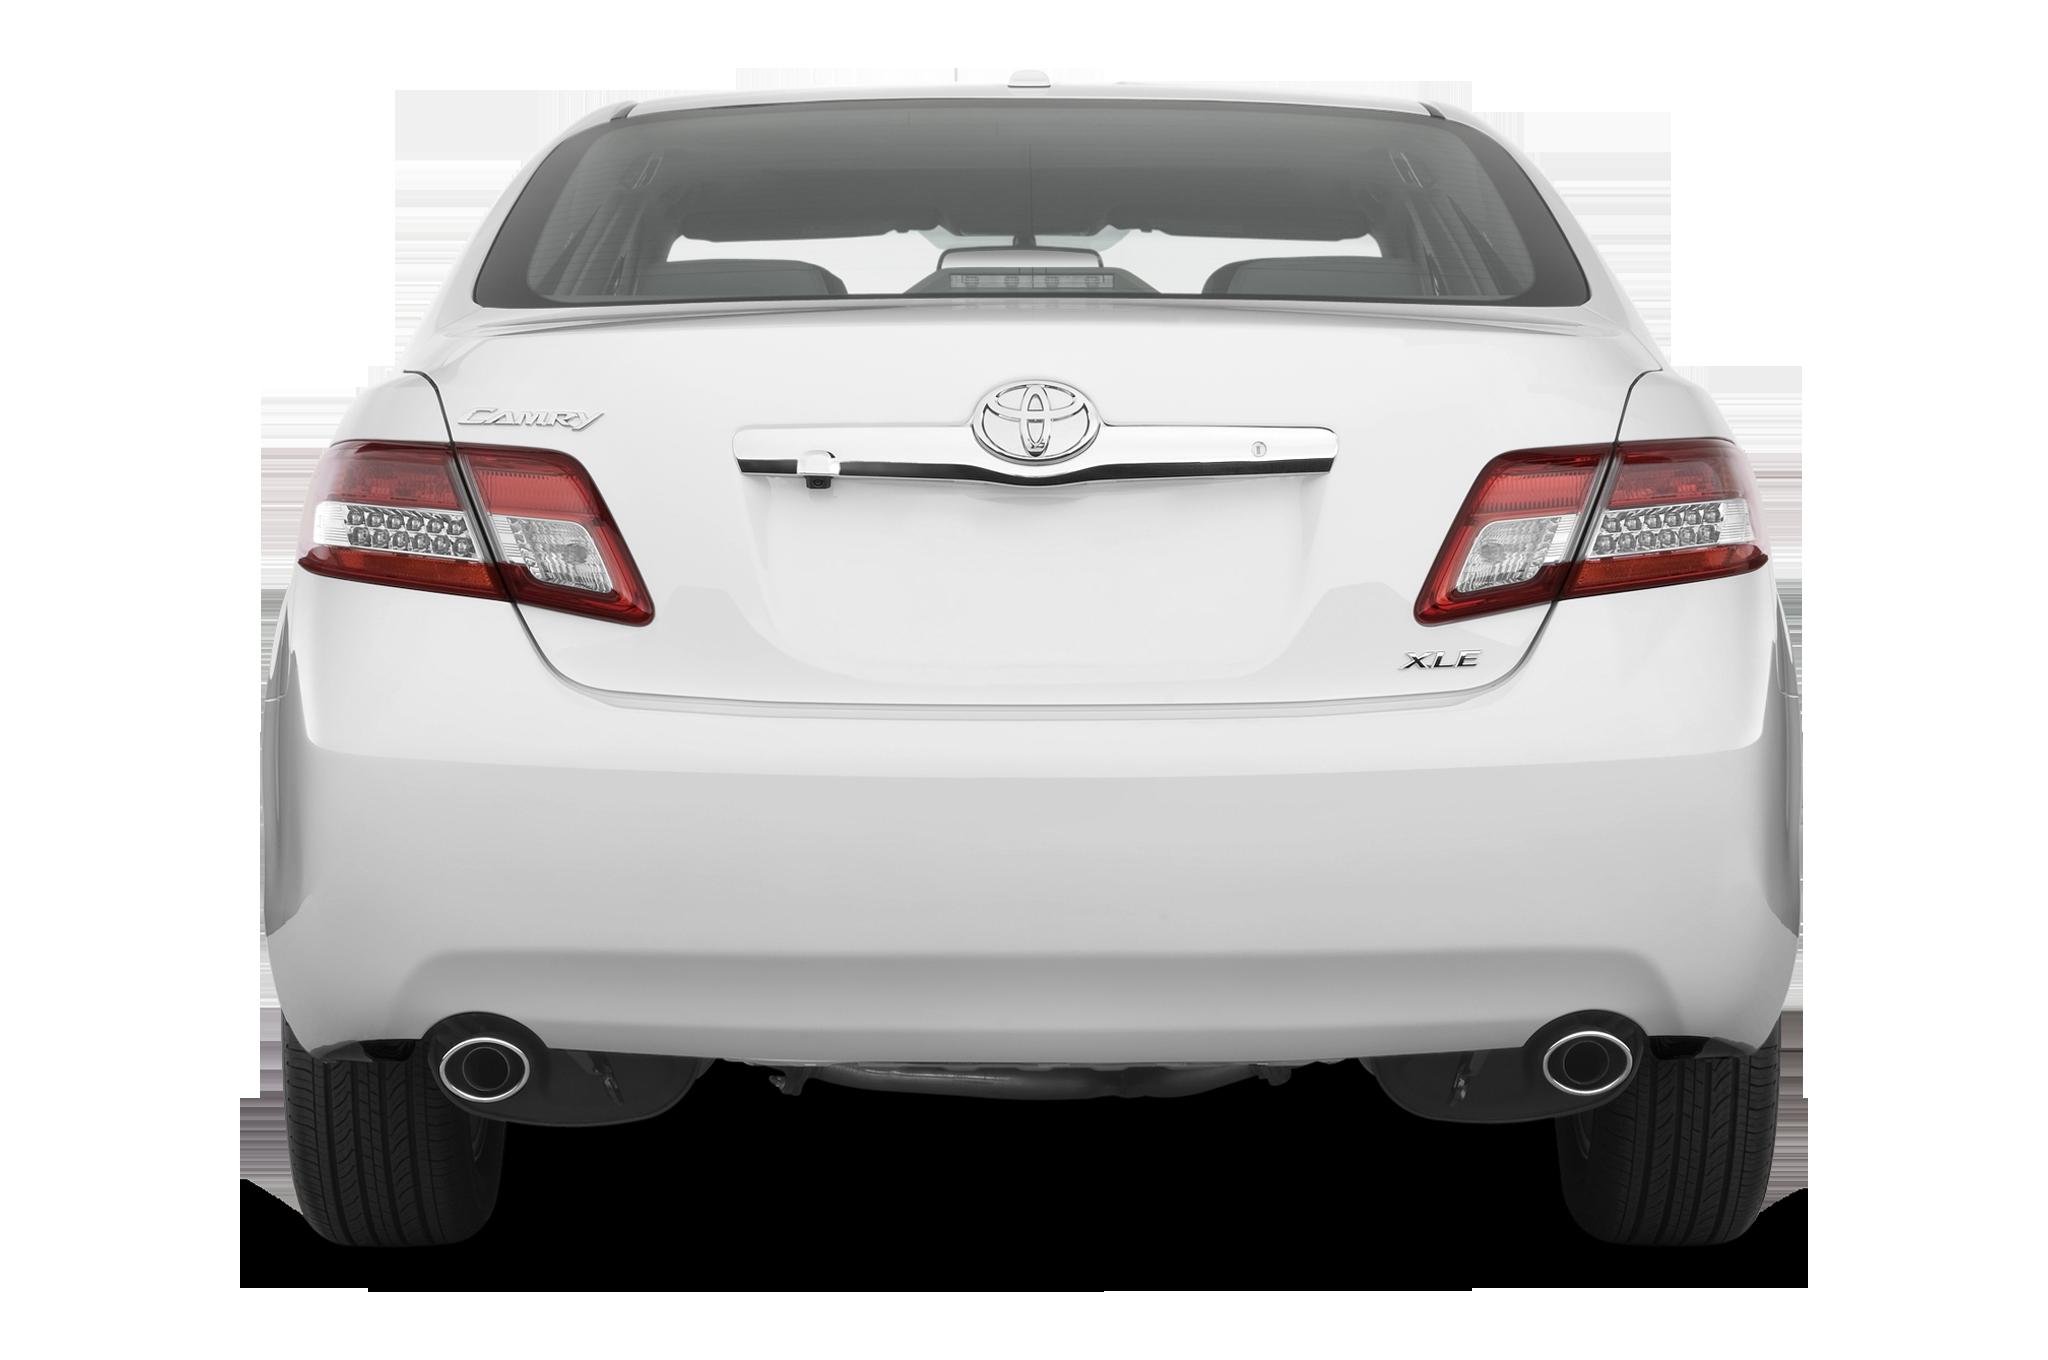 2010 Toyota Camry Hybrid Toyota Hybrid Sedan Review